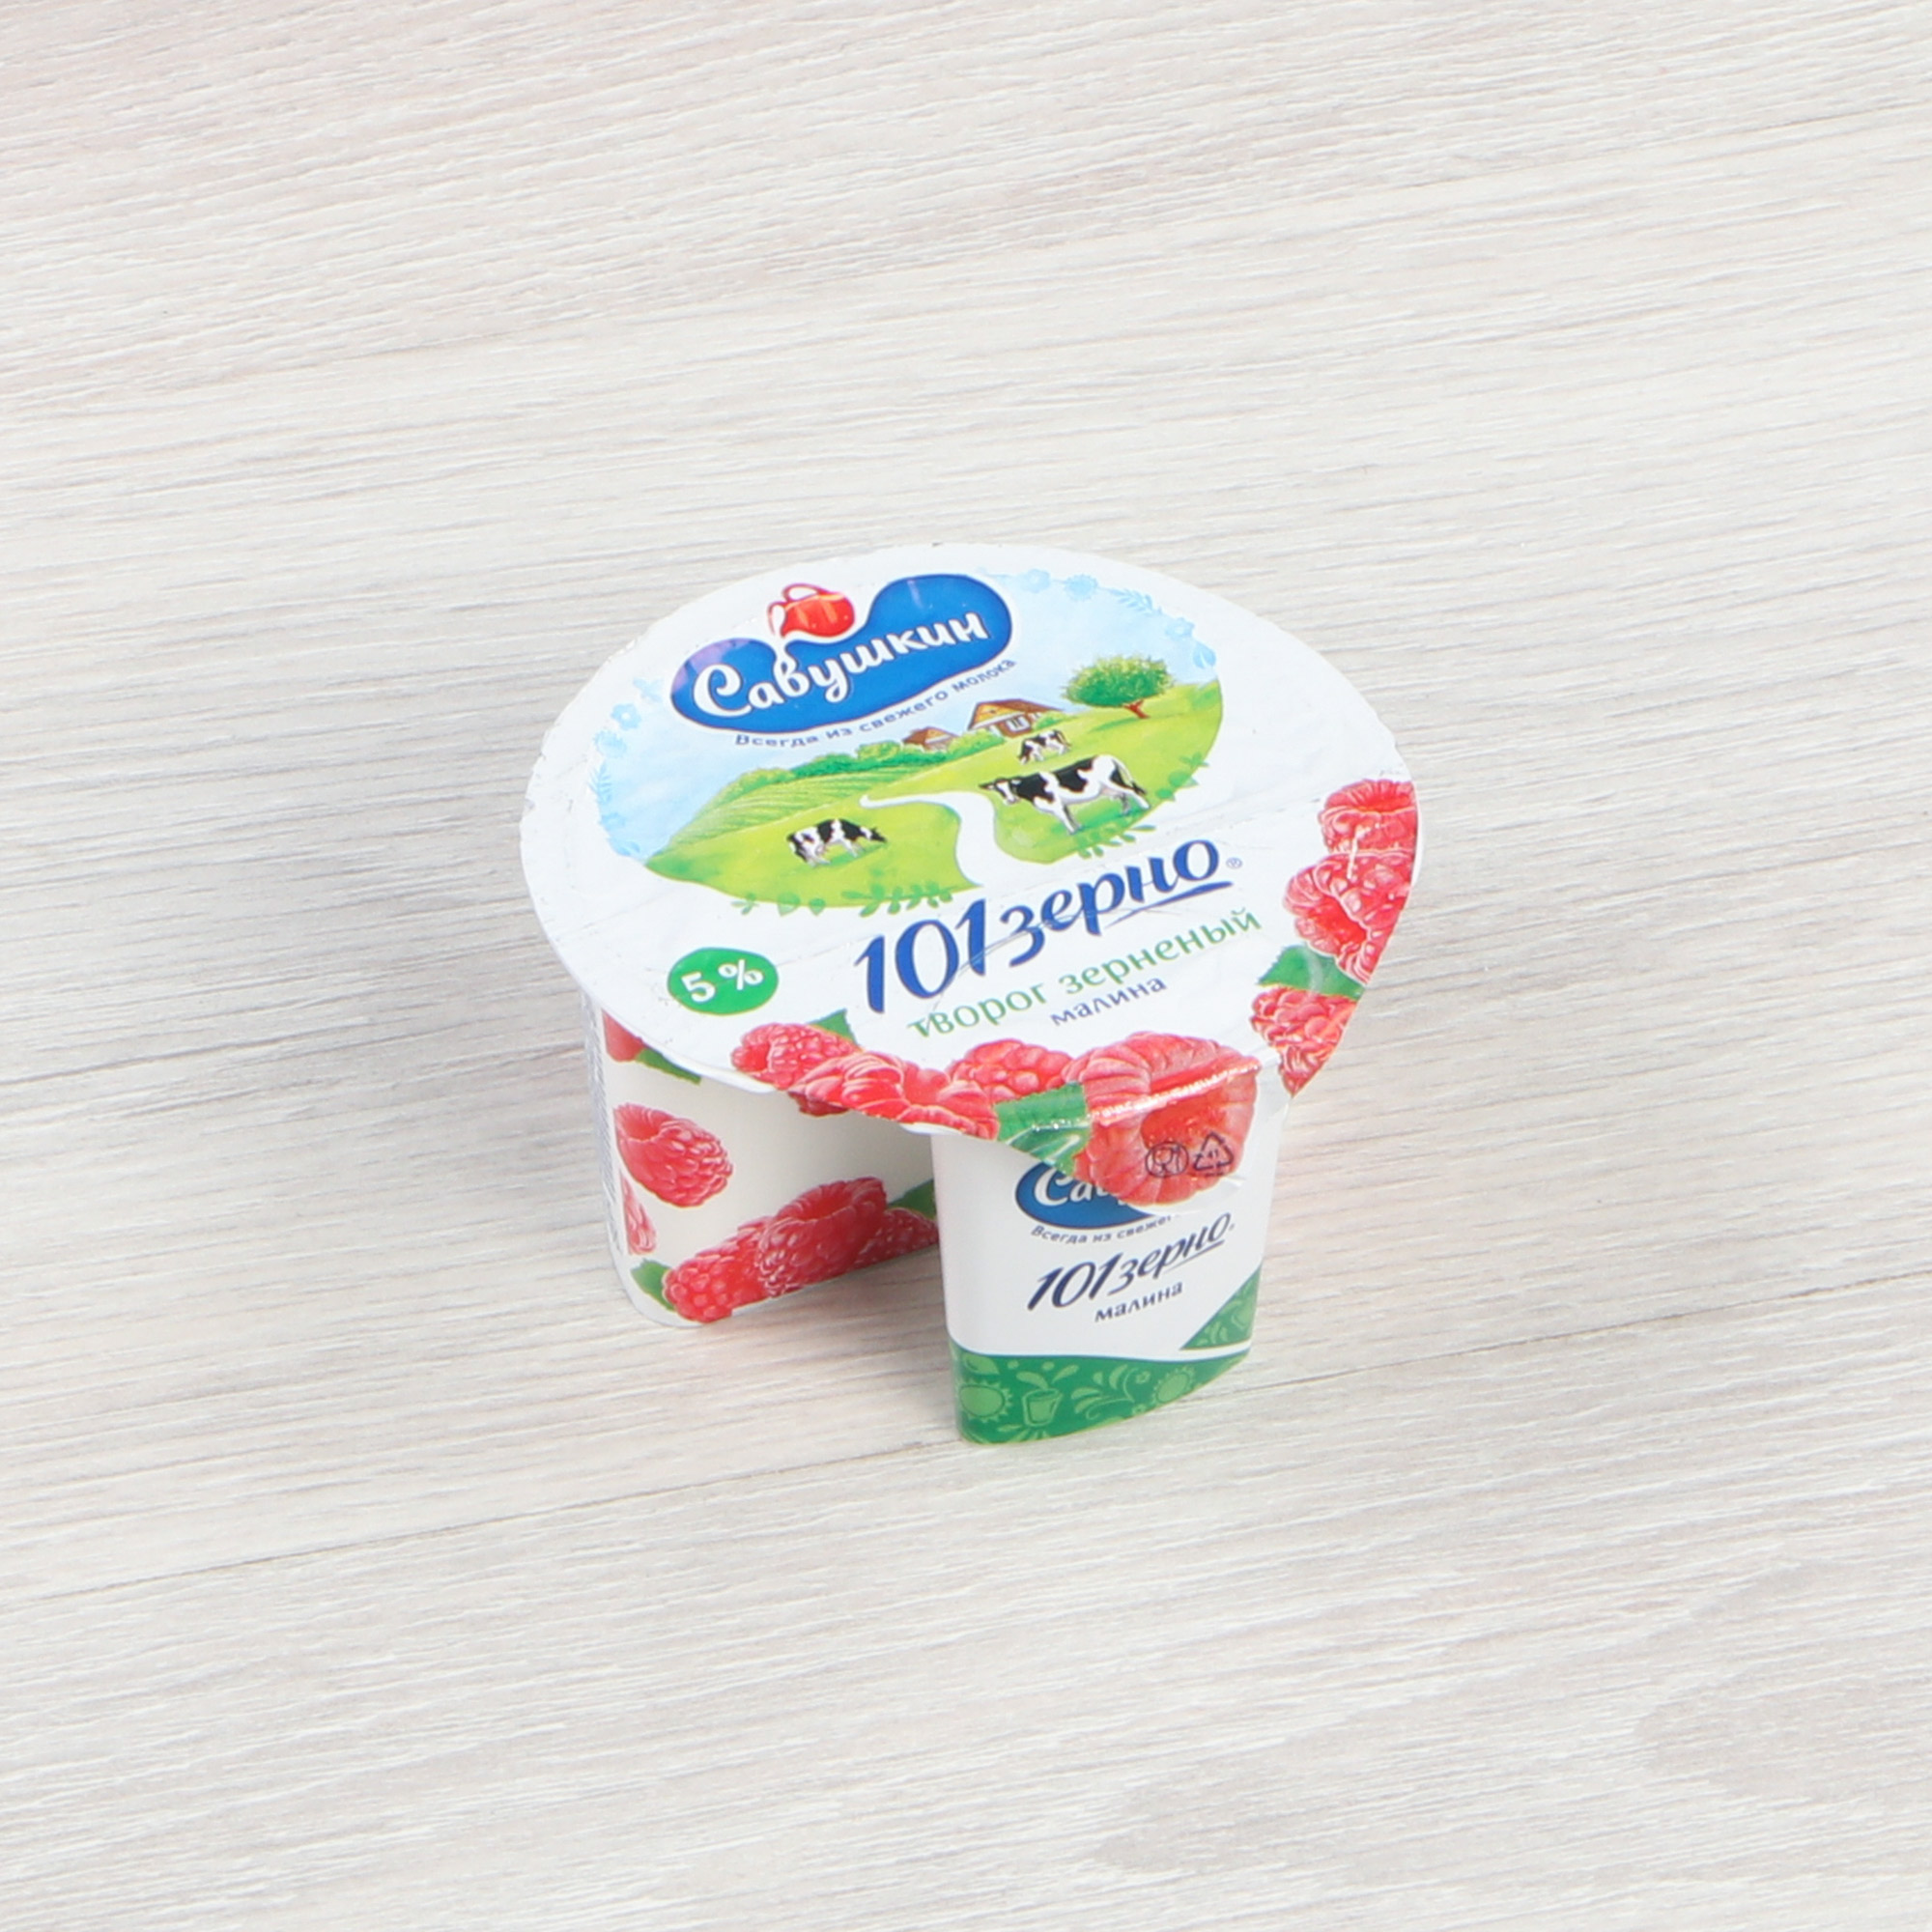 творог савушкин продукт рассыпчатый 5% 700 г Творог Савушкин продукт 101 зерно малина 5% 130 г